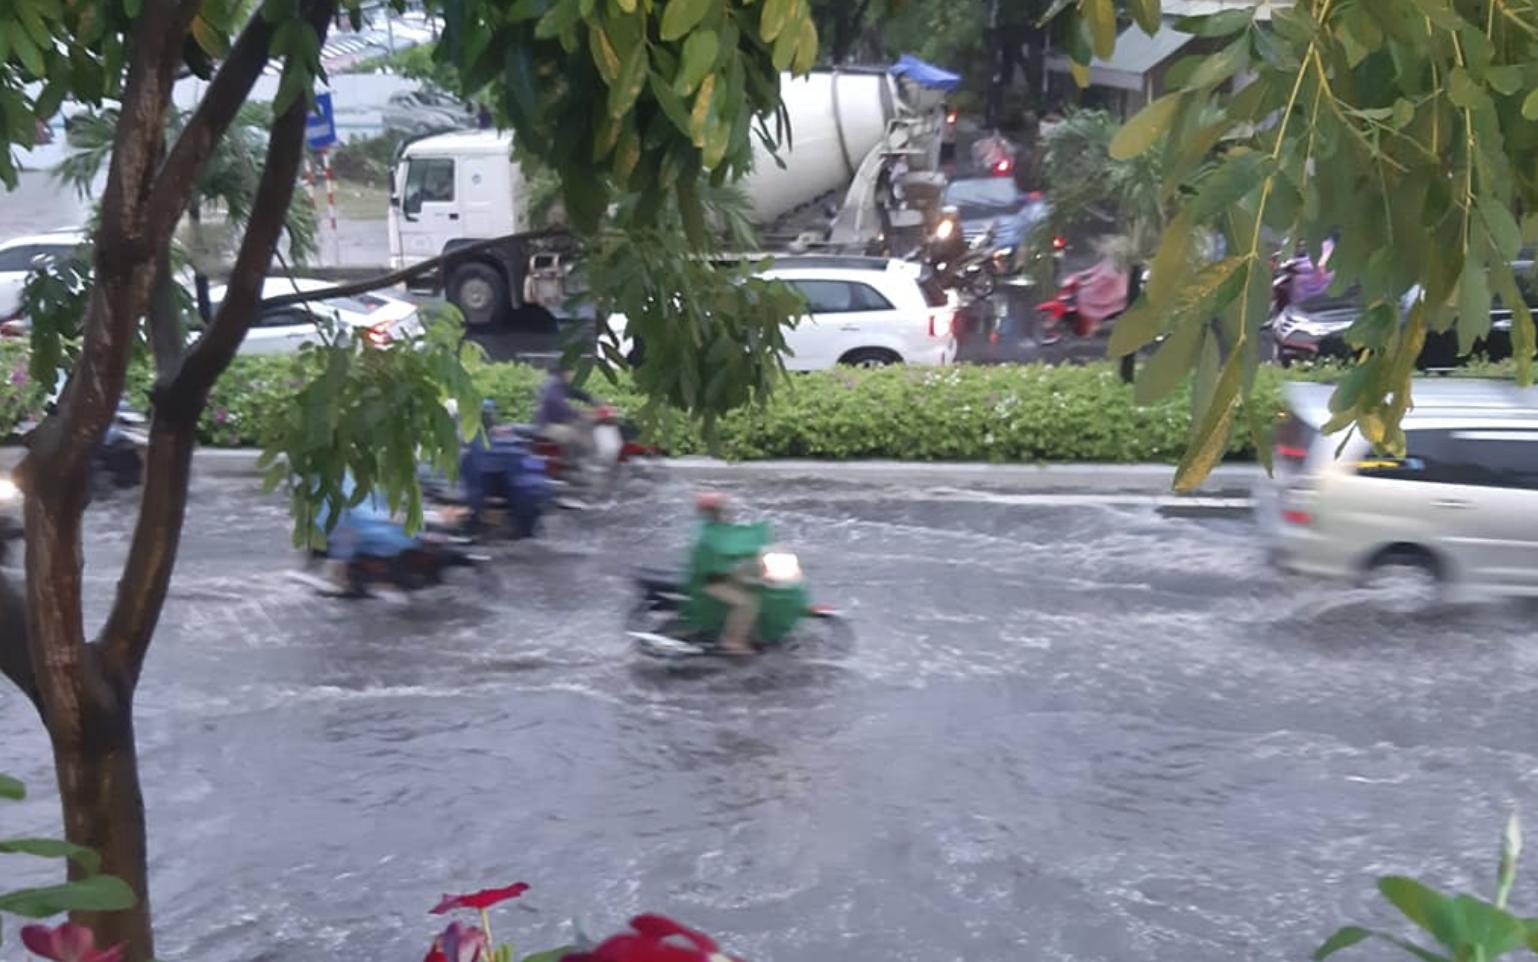 Đà Nẵng ngập đường sau mưa dông khoảng 30 phút - Ảnh 3.